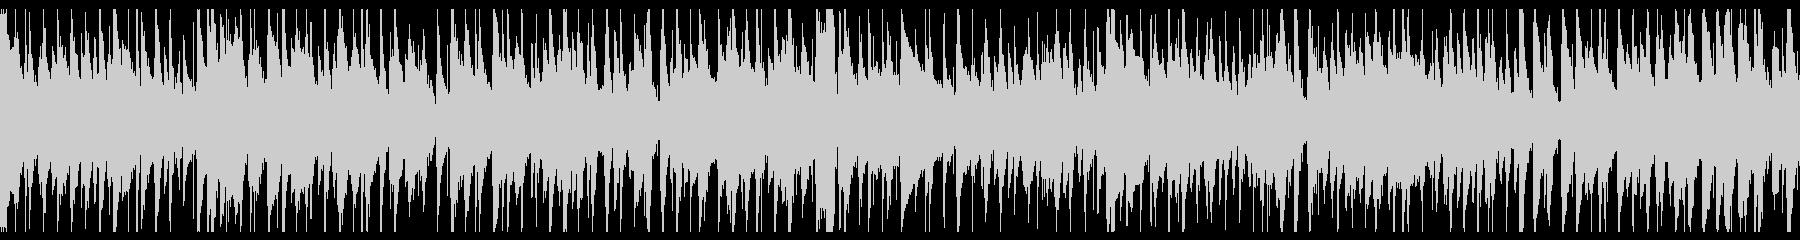 お洒落なジャズピアノトリオ21 ループの未再生の波形